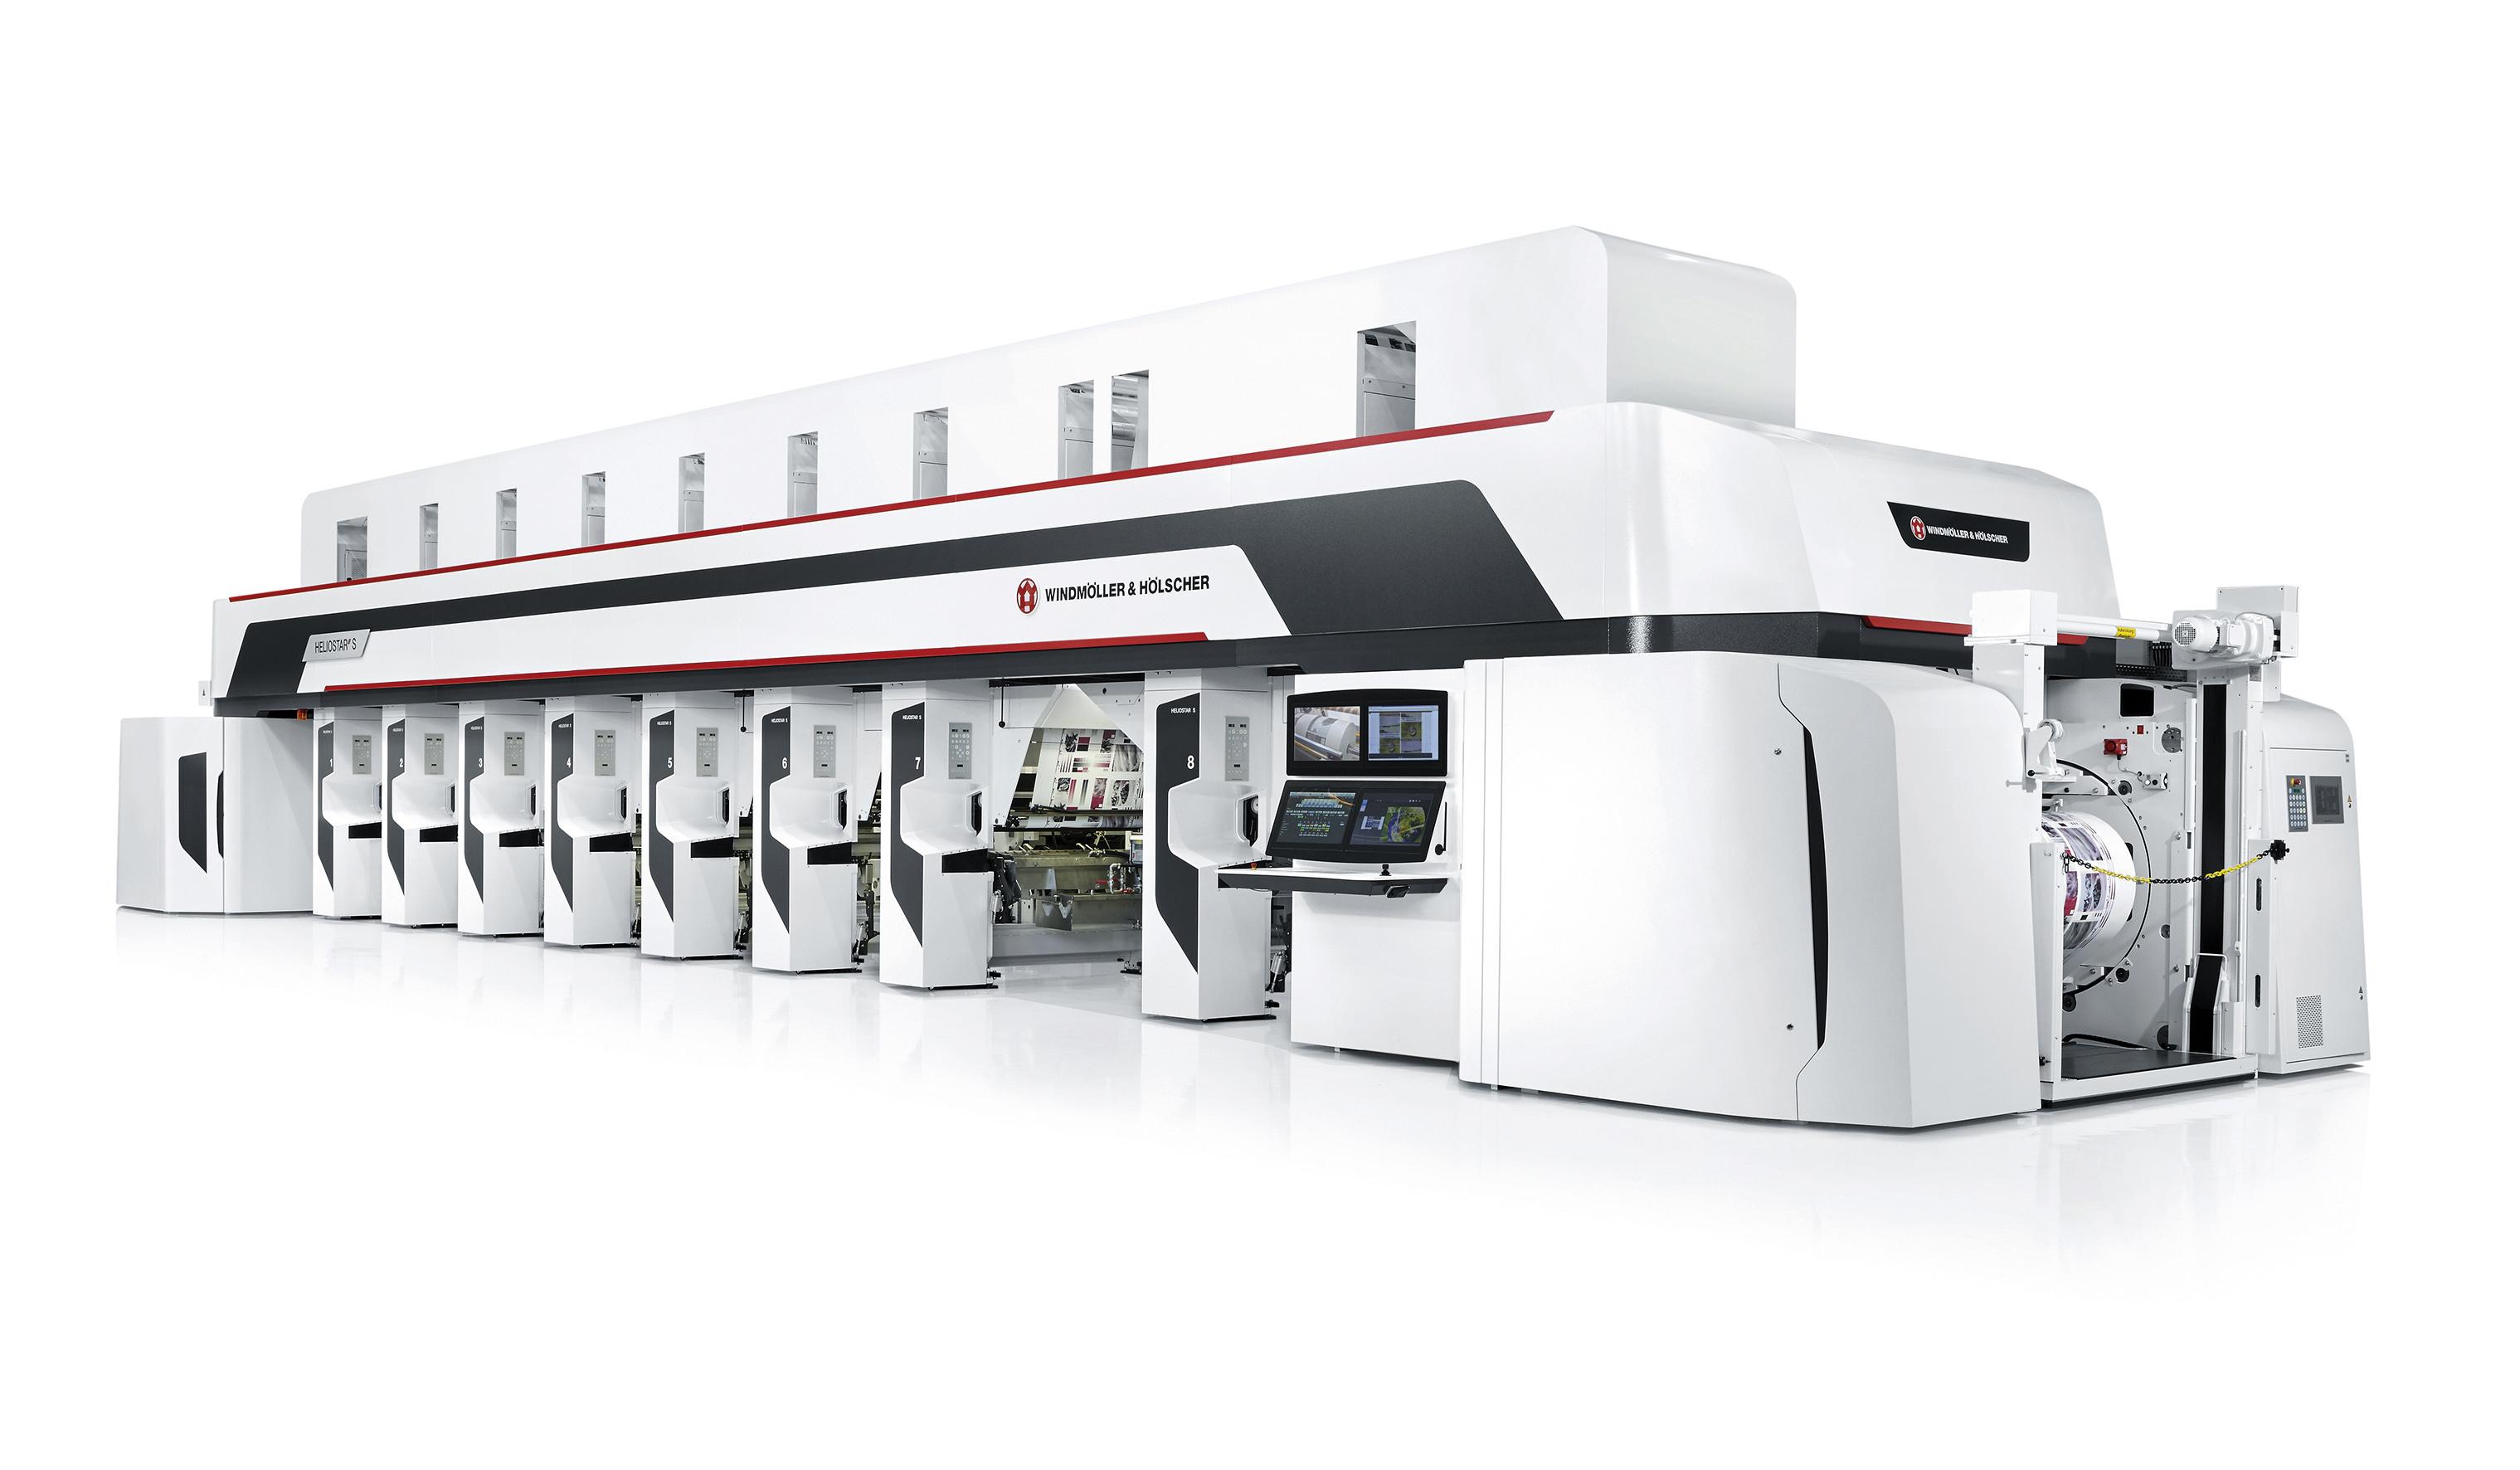 W&H – Neue Maschinenmodelle für Flexo- und Tiefdruck | Flexo+Tief-Druck